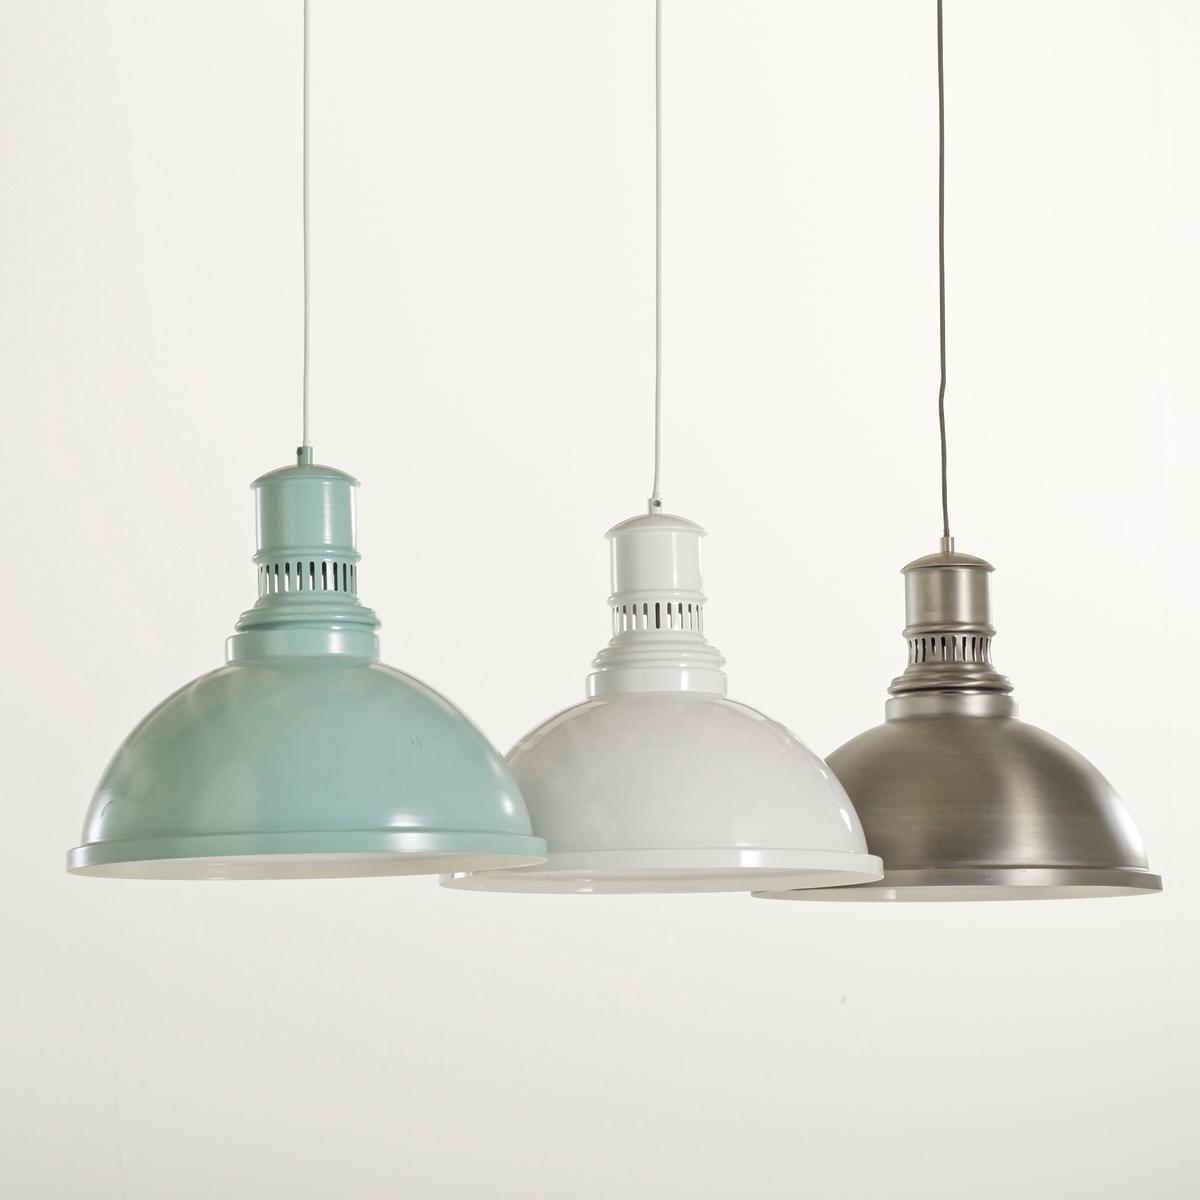 Светильник в индустриальном стиле из металла, LiziaСветильник в индустриальном стиле из металла, Lizia. Его элегантный дизайн будет хорошо смотреться как в современном, так и в винтажном интерьере Описание светильника , Lizia  :Патрон E27 для лампочки макс 60W (не входит в комплект)  .Этот светильник совместим с лампочками    энергетического класса   : A, B,C,D ,EХарактеристики светильника , Lizia  :Метал с эпоксидным покрытием бледно-зеленого цвета или метал с состаренным эффектом .Найдите коллекцию светильников на сайте laredoute.ruРазмер светильника , Lizia  :Диаметр 40 x Выс34 см<br><br>Цвет: серый металл